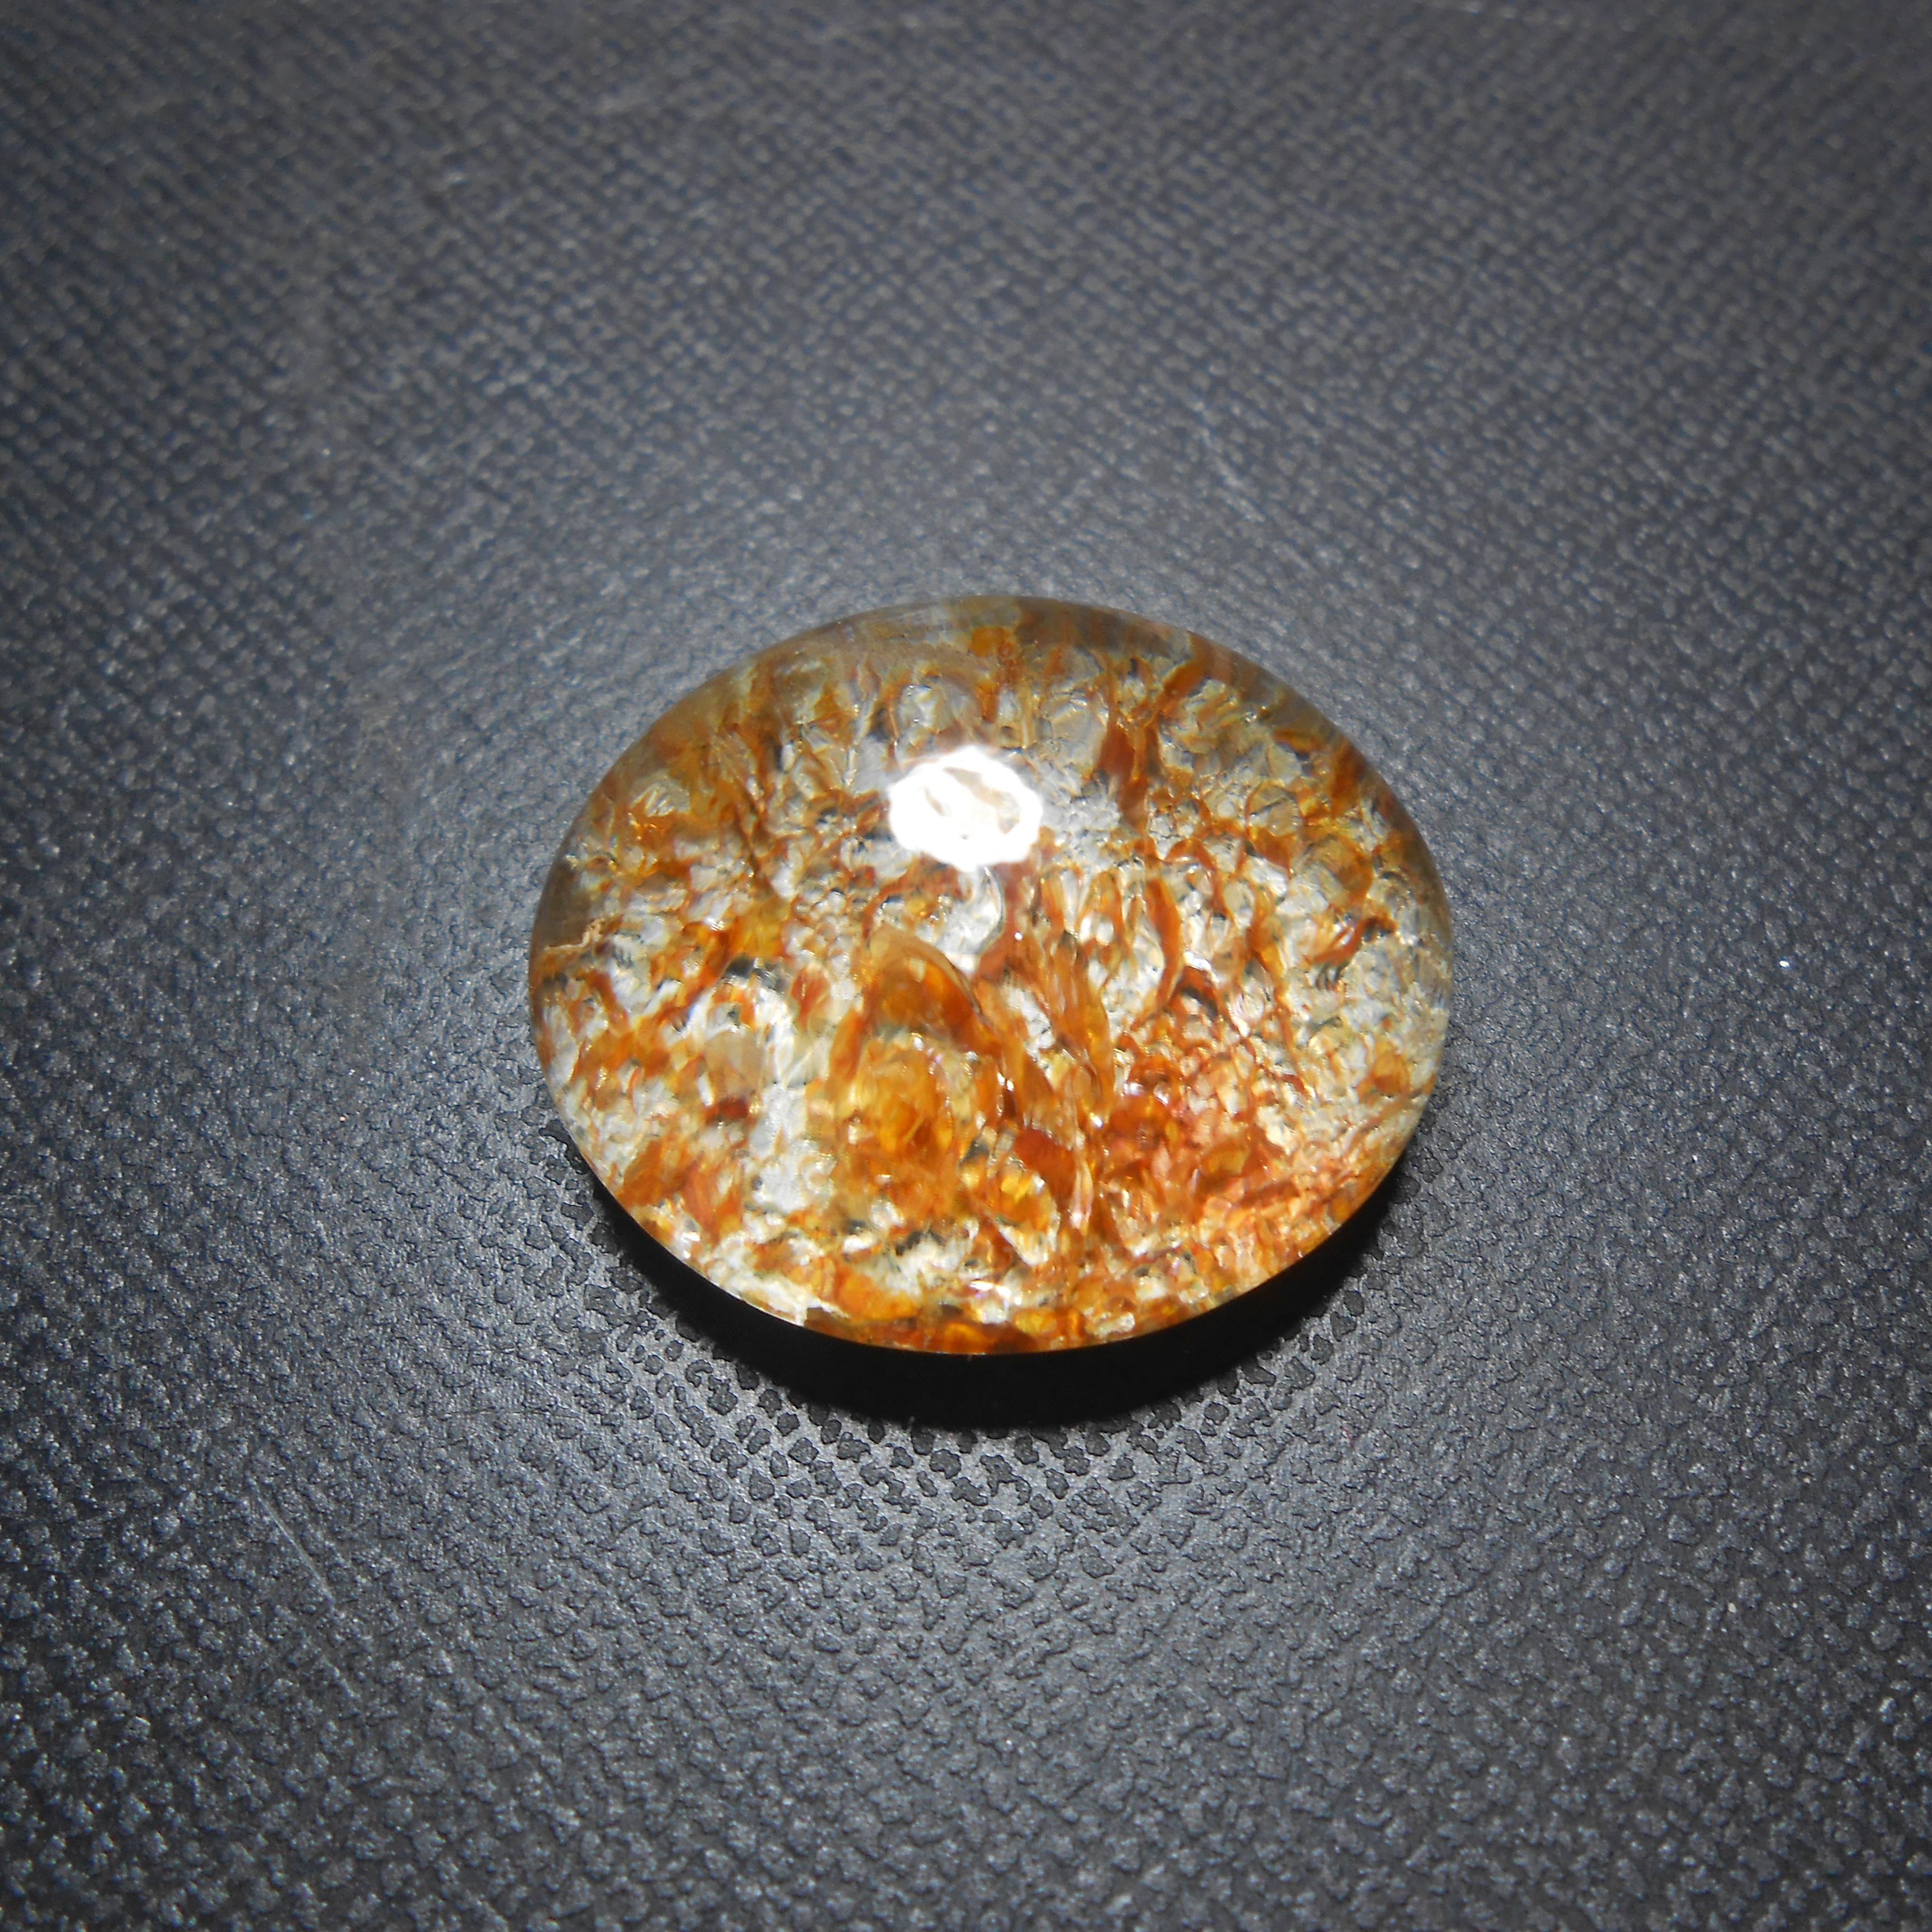 แก้วกาบทอง กาบสวย ใส A+++ ขนาด 2.8* 2.2 cm ทำแหวนชาย หรือ จี้ สวยๆ